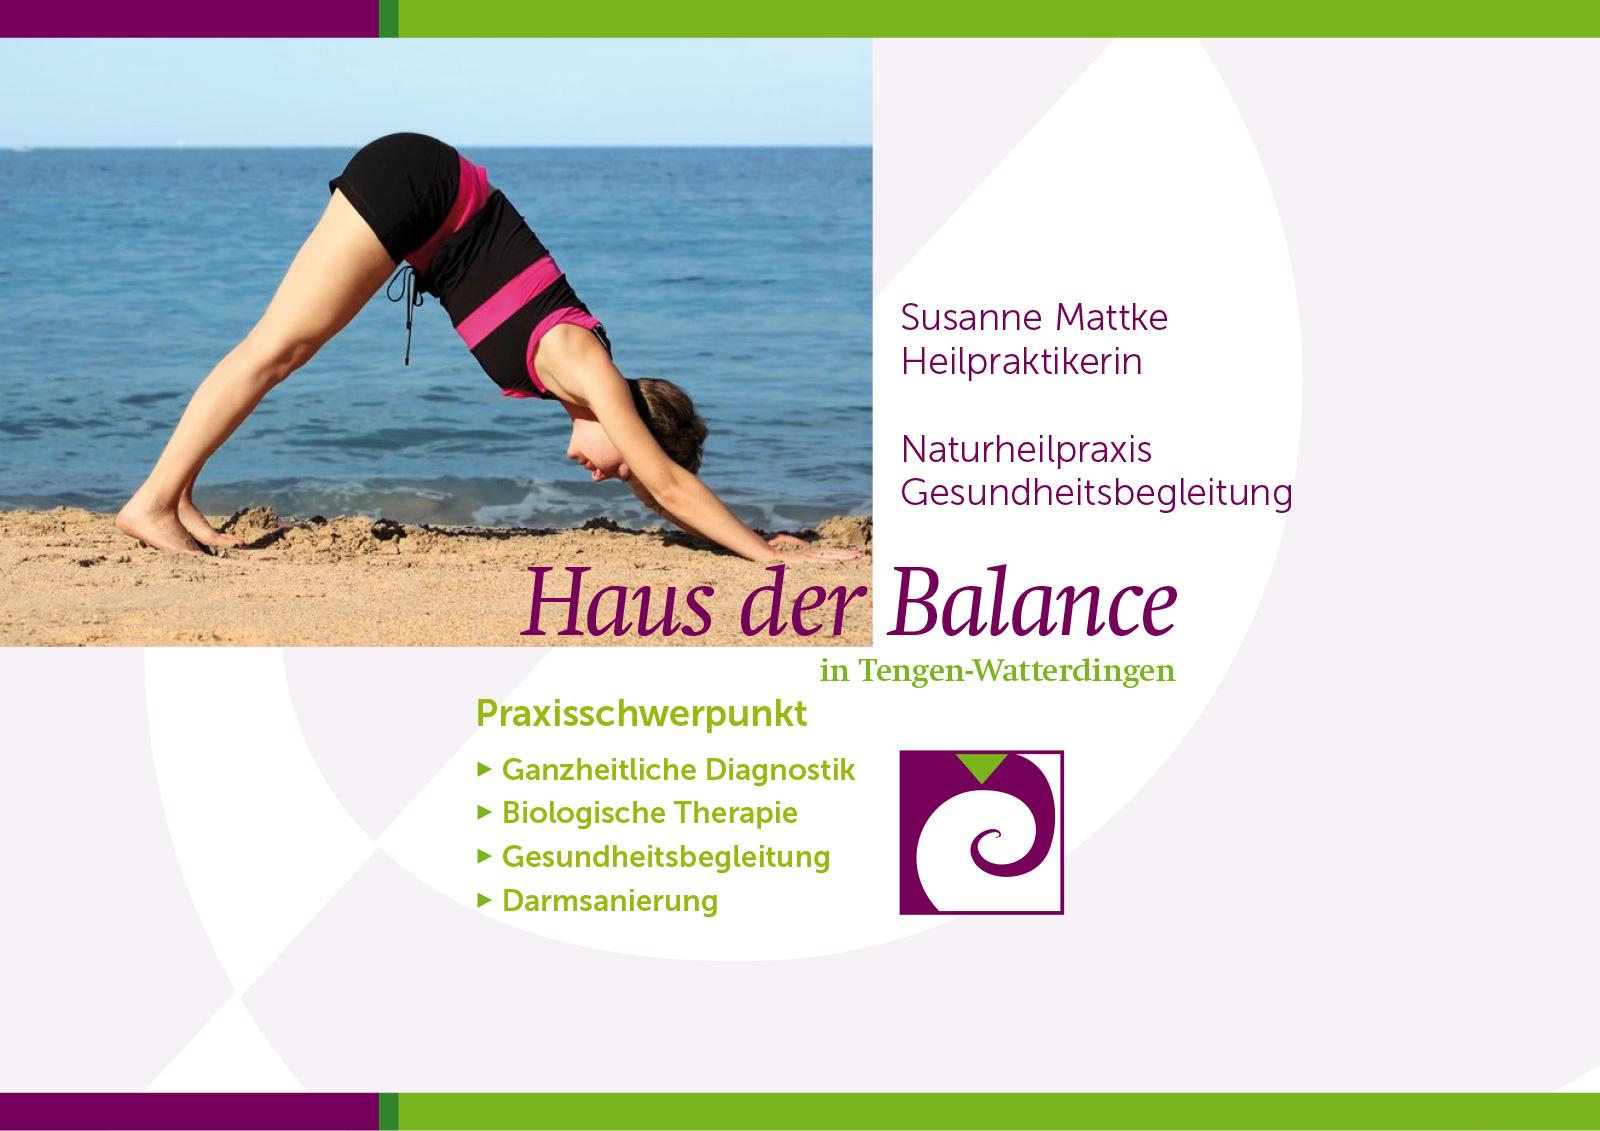 Gesundheitsbegleitung: Haus der Balance: Susanne Mattke, Heilpraktikerin und Fastenkursleiterin. Gesundheitsbegleitung und Fastenkurse im Hegau. Aktuelle Termine – Jetzt anmelden!